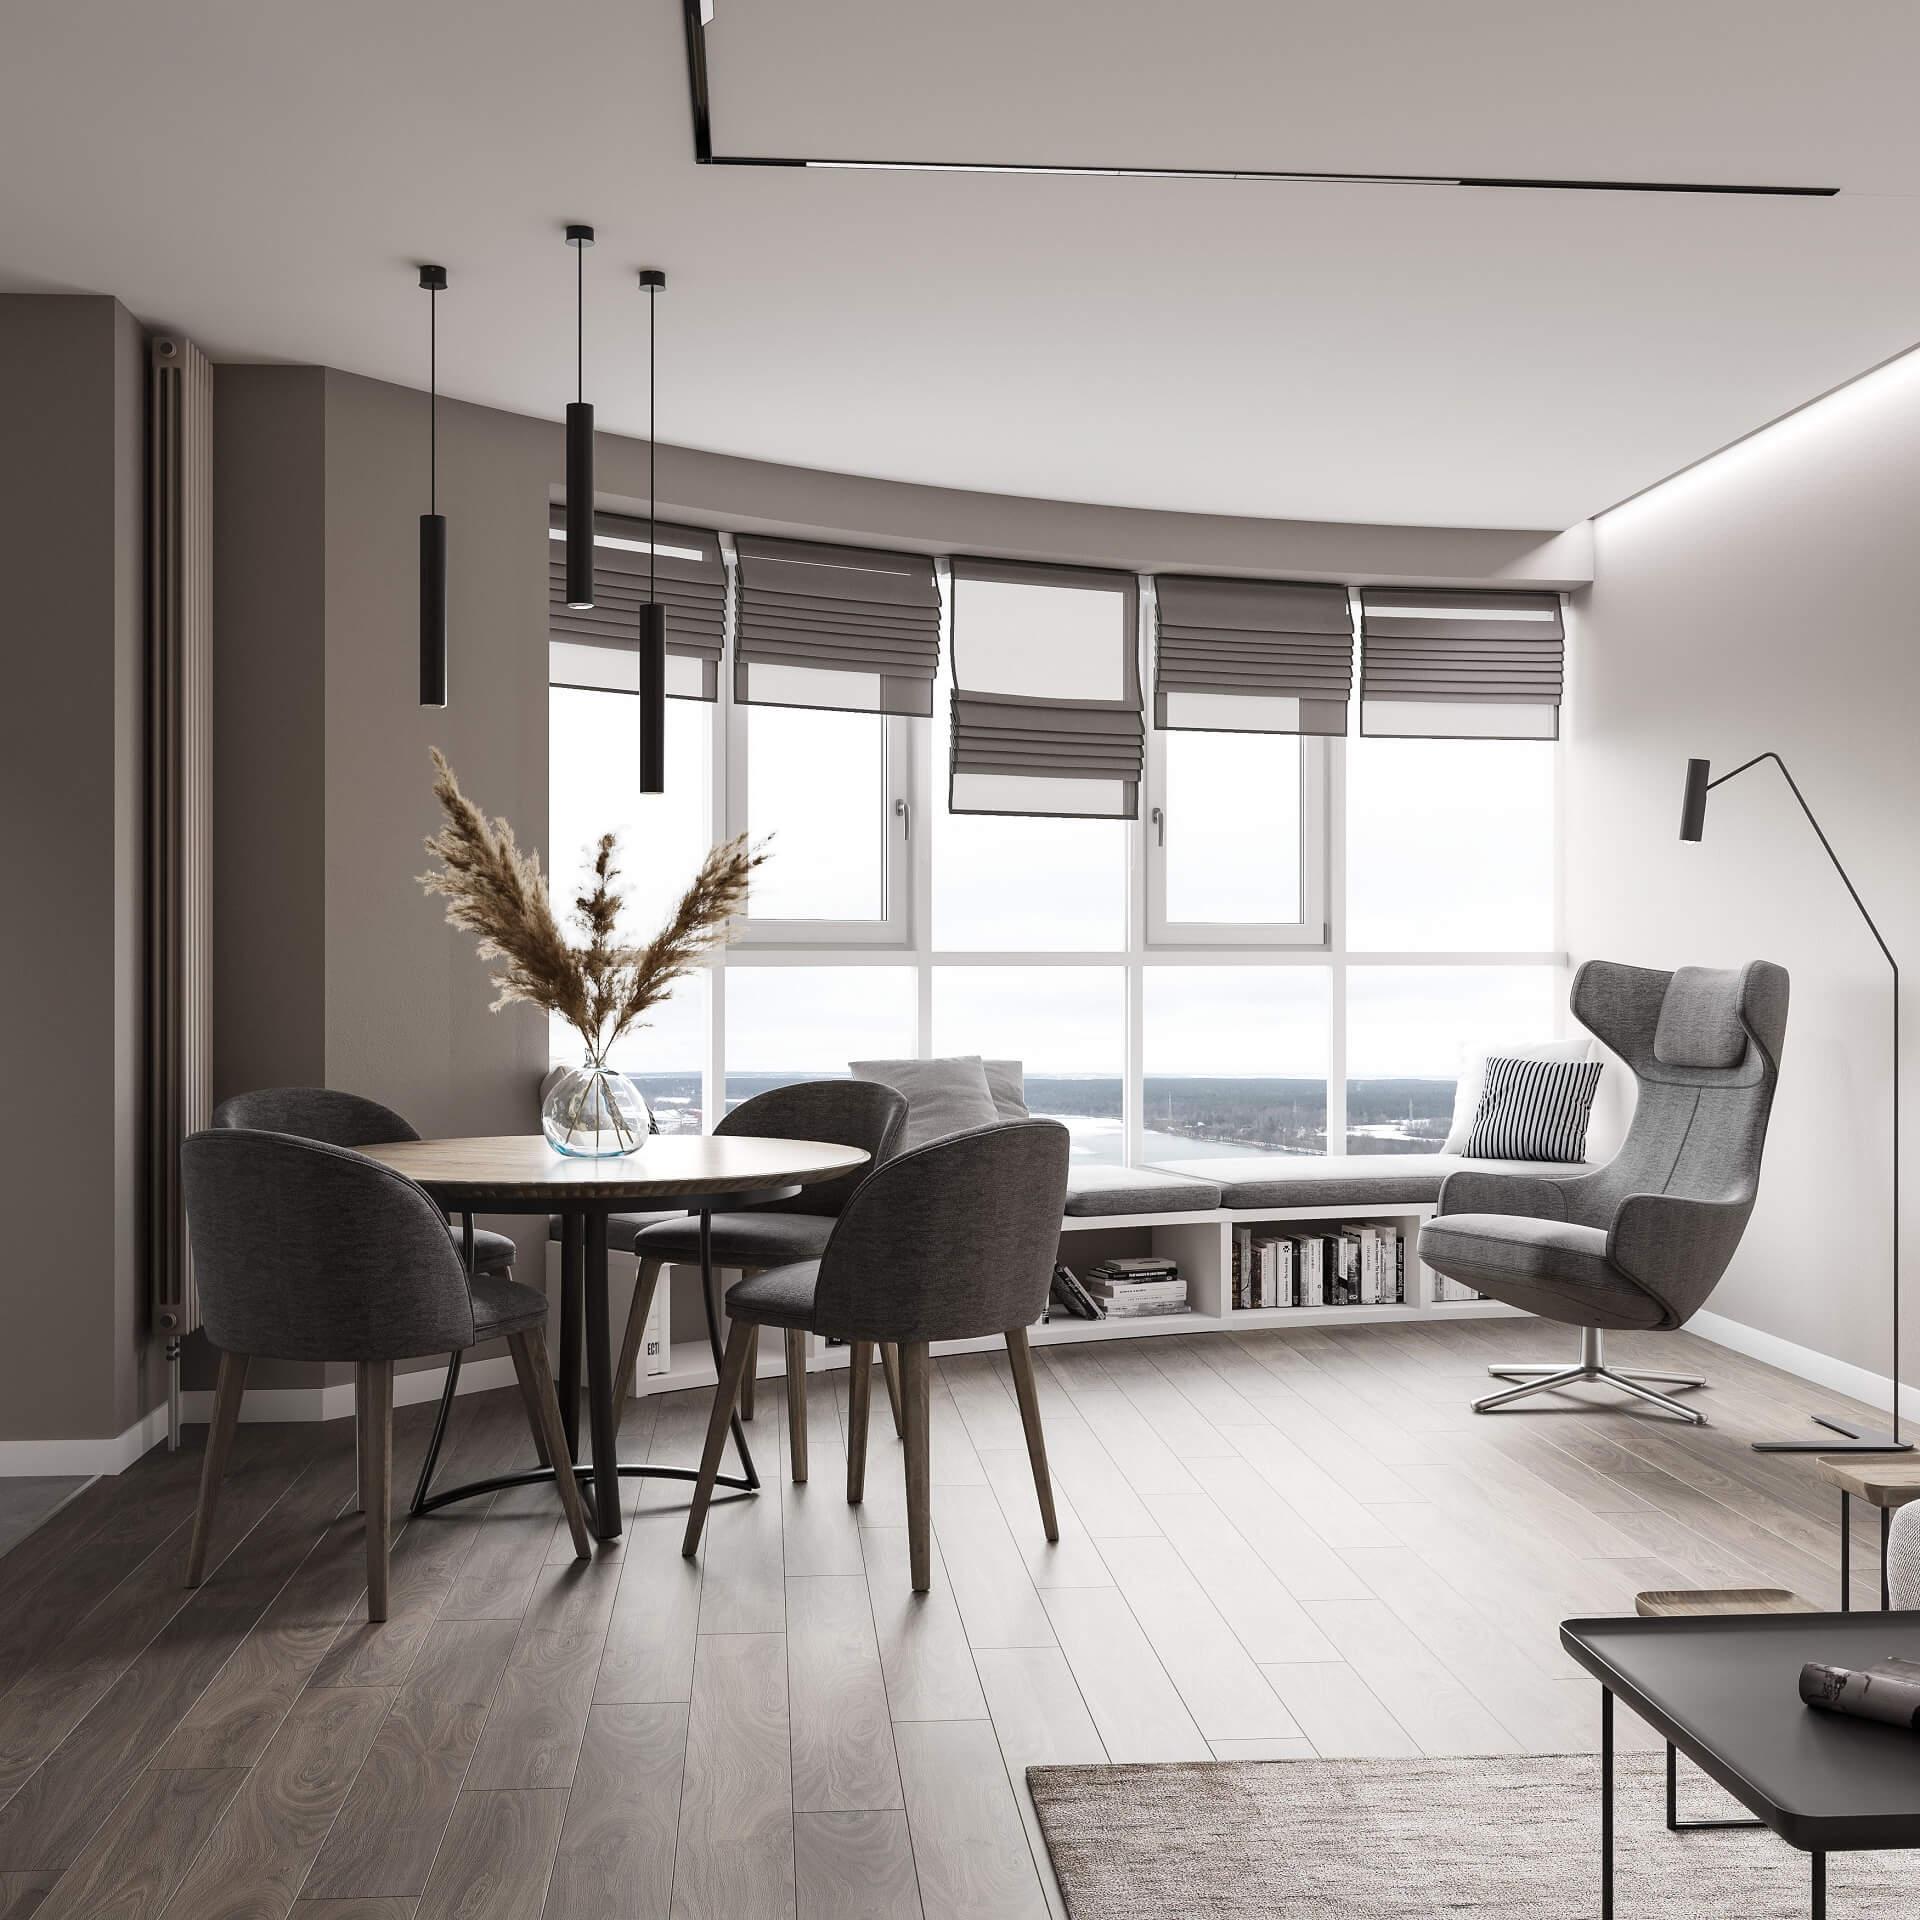 Дизайн кухни-гостиной. Зона отдыха. Вид 1